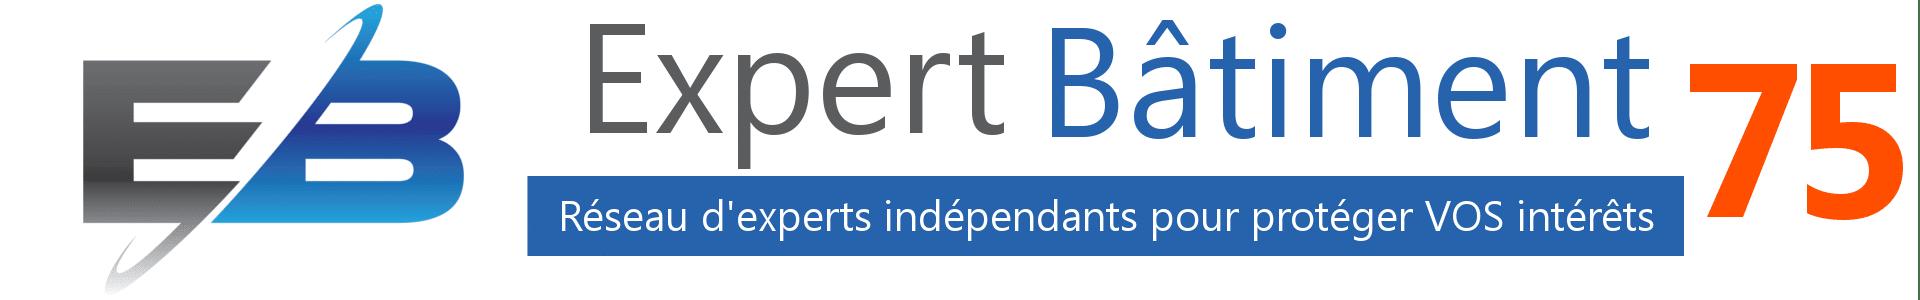 logo expert batiment 75, logo expertise batiment Paris, expert indépendant Paris, expert indépendant 75,